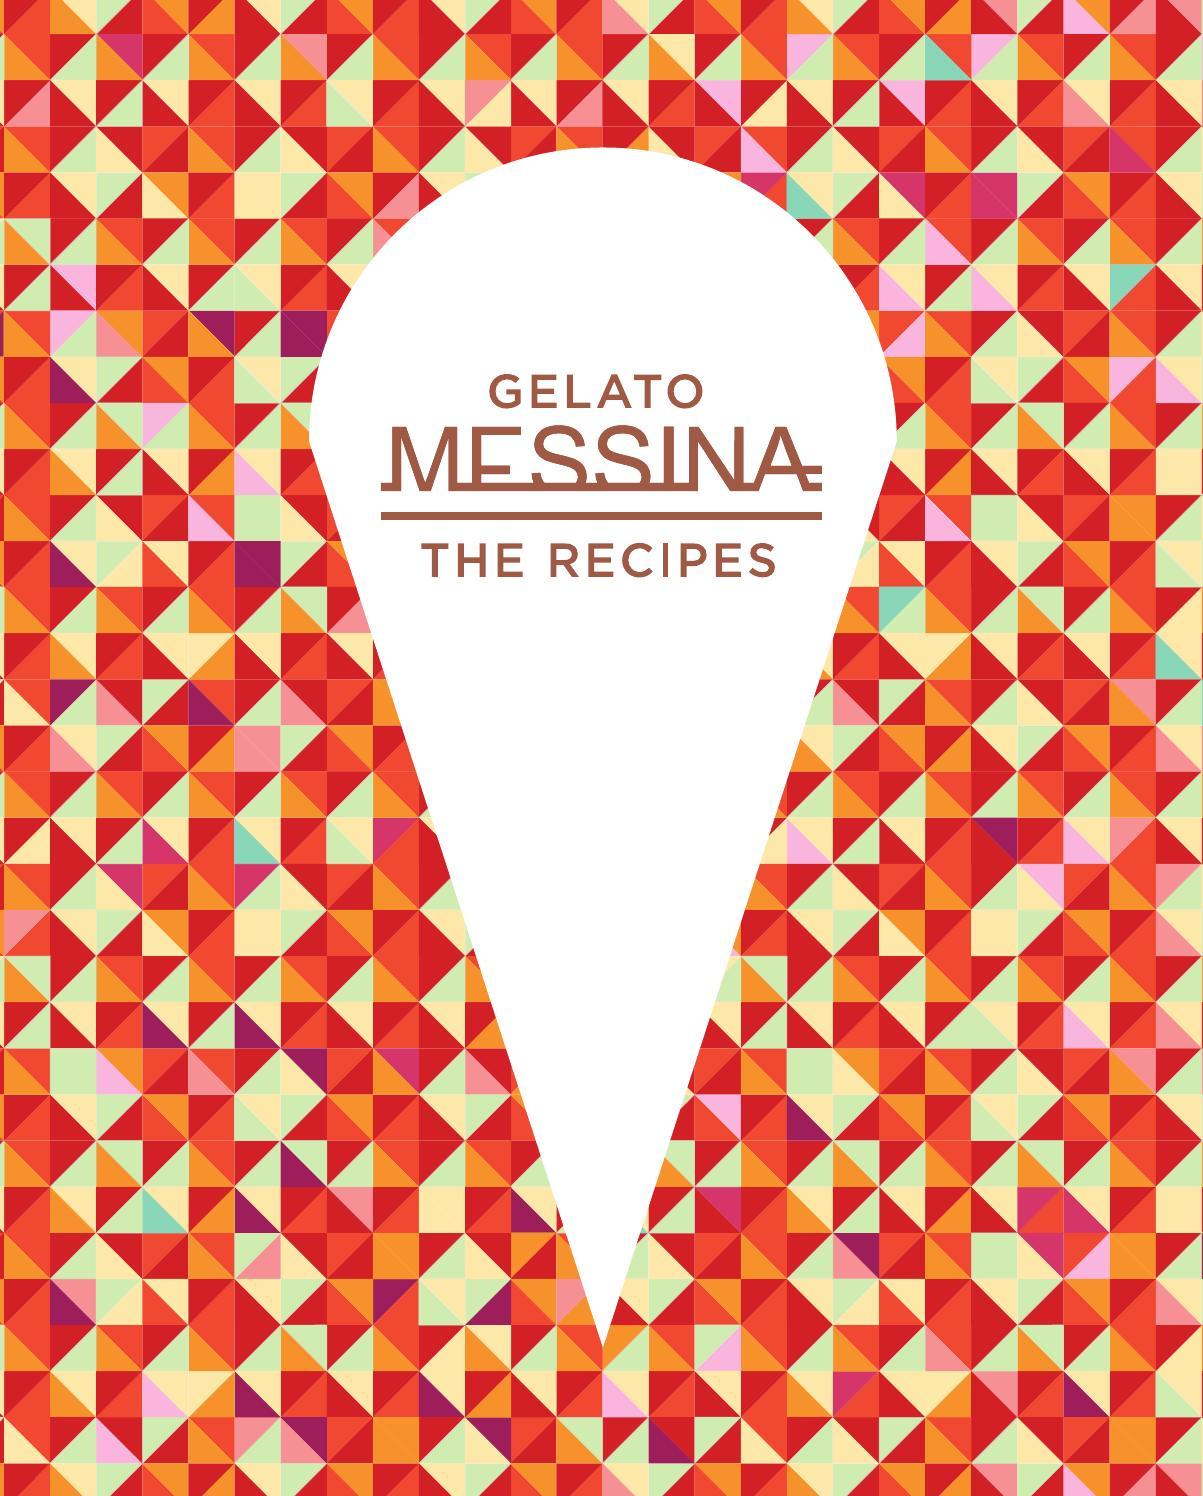 「gelato messina」の画像検索結果